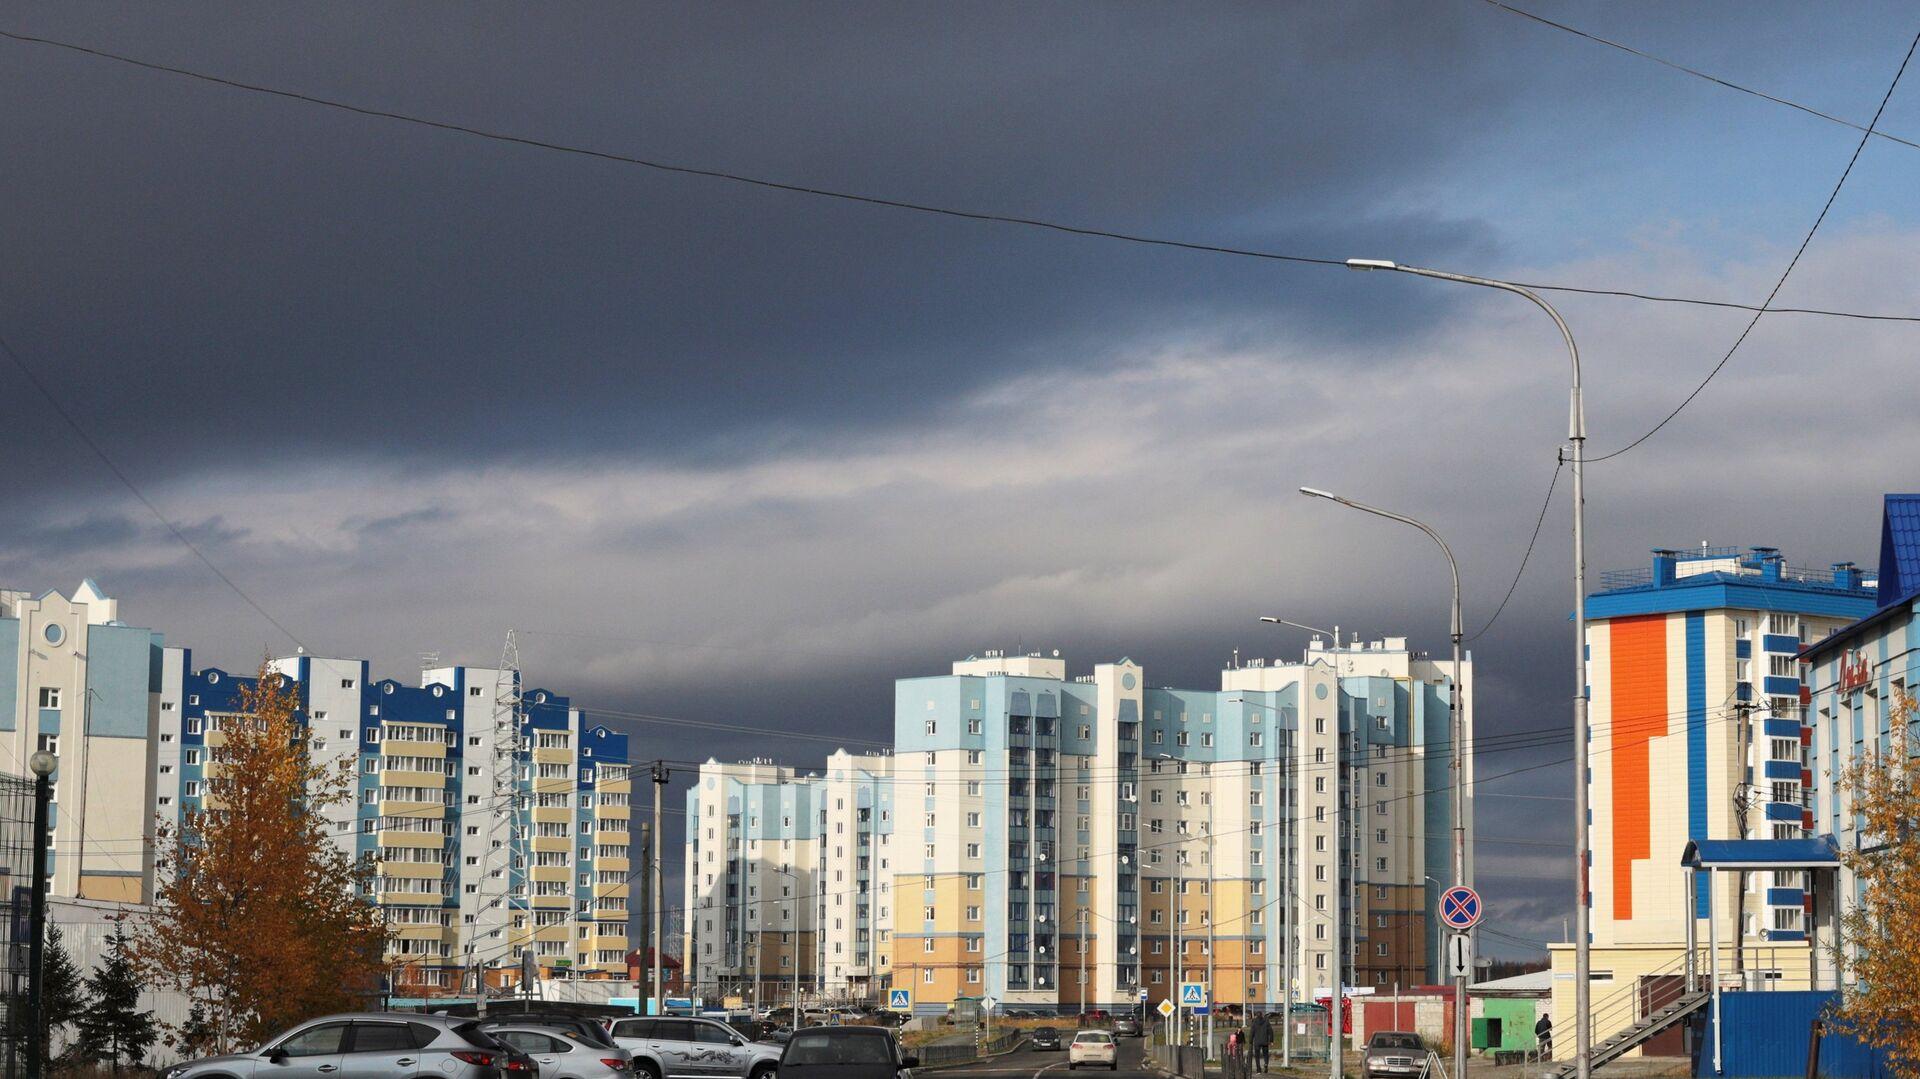 Современная жилая застройка в Салехарде - РИА Новости, 1920, 16.07.2021